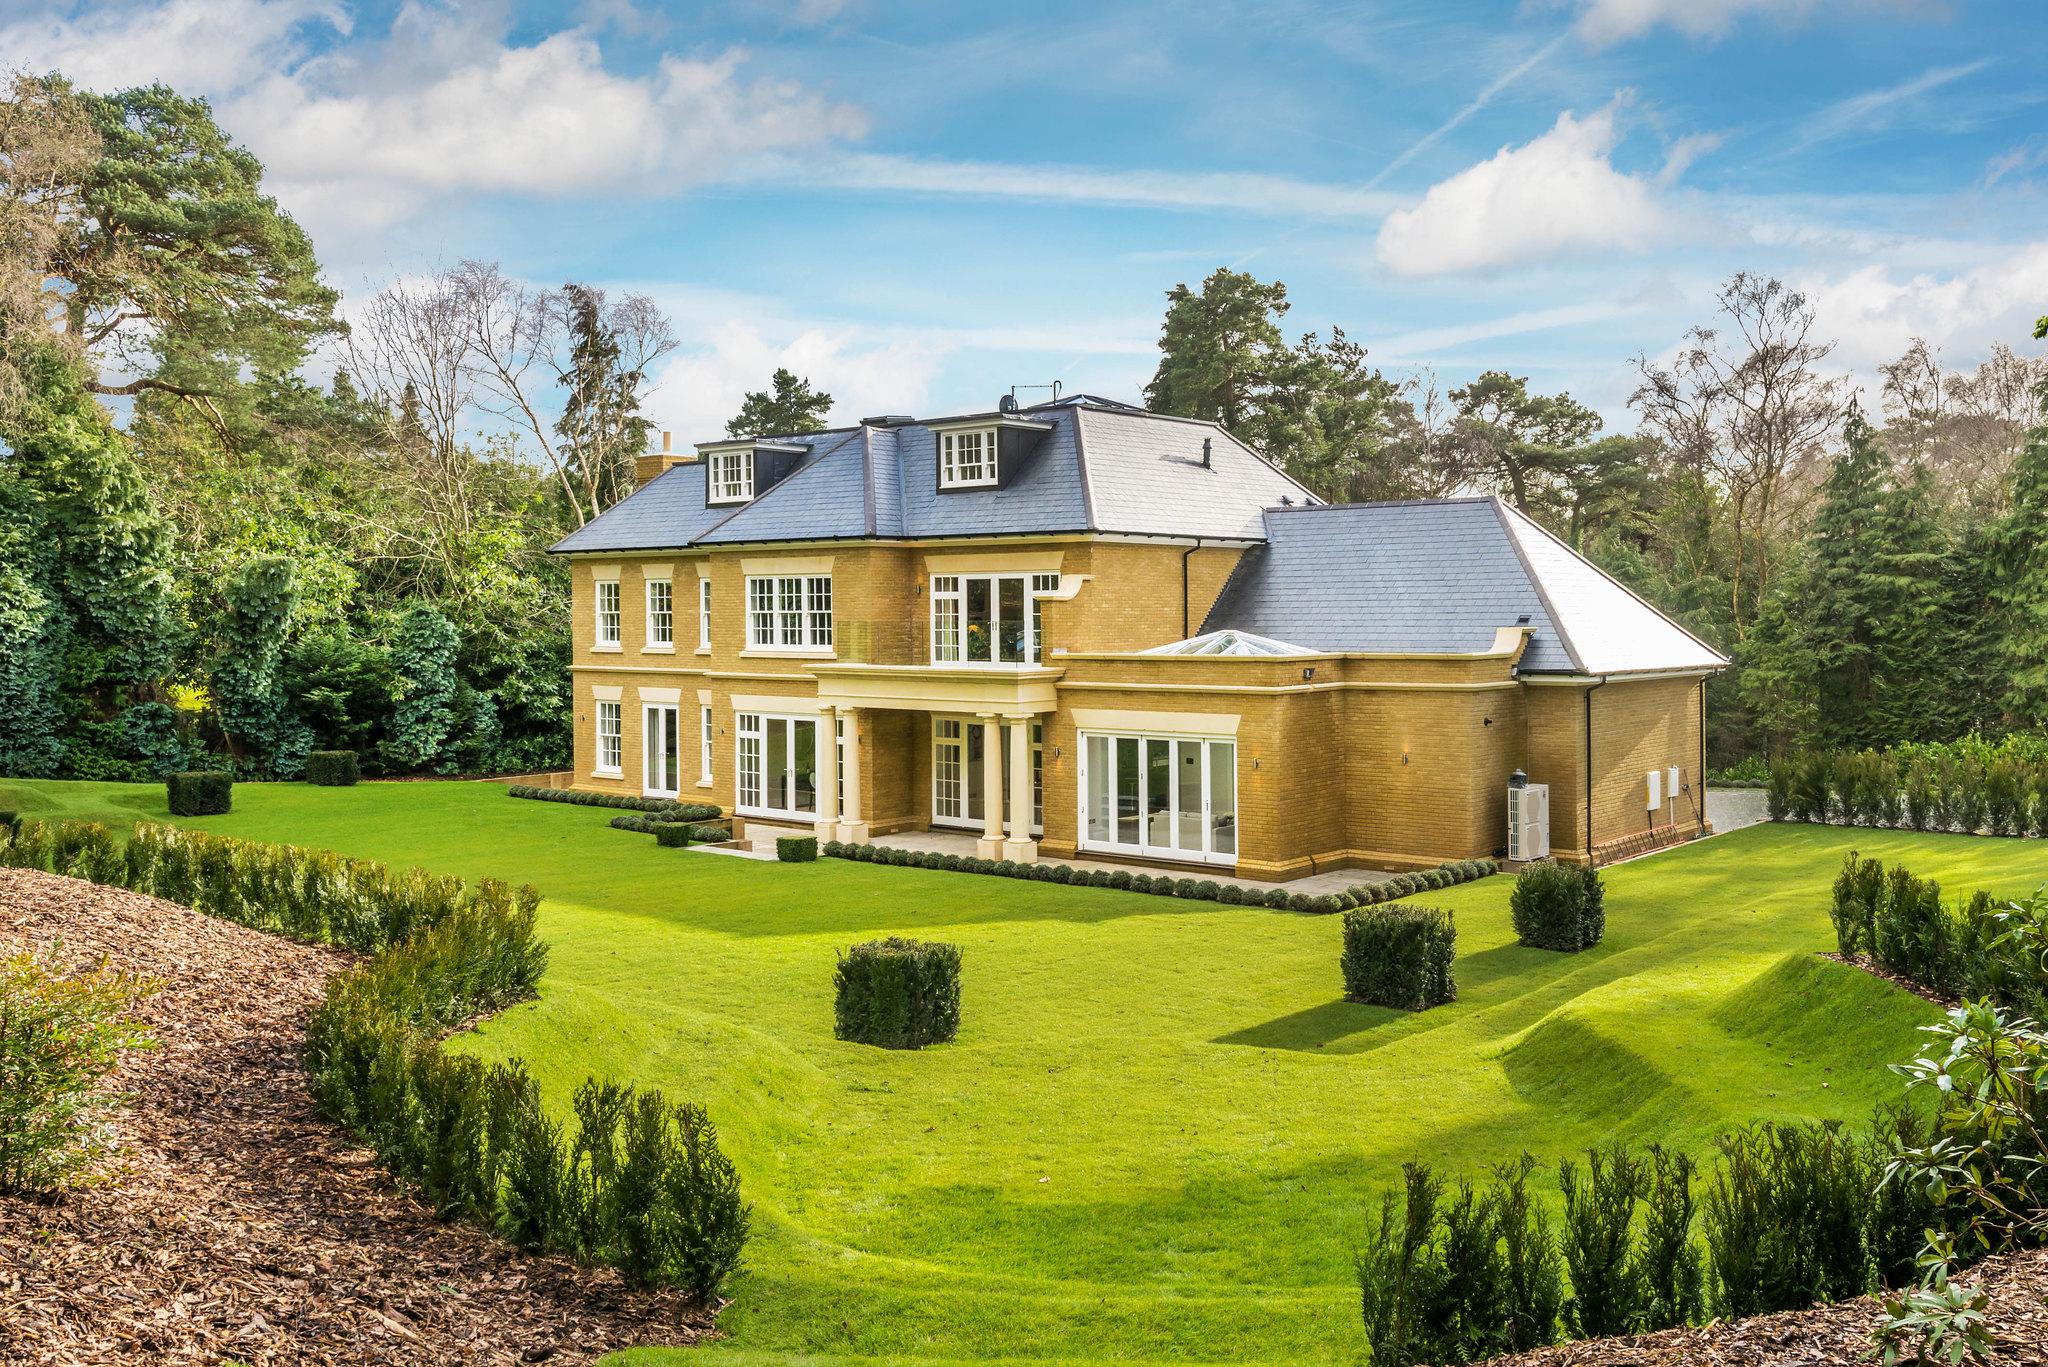 spring-hill-farnham-our-work-private-clients-ascot-design-view3.jpg